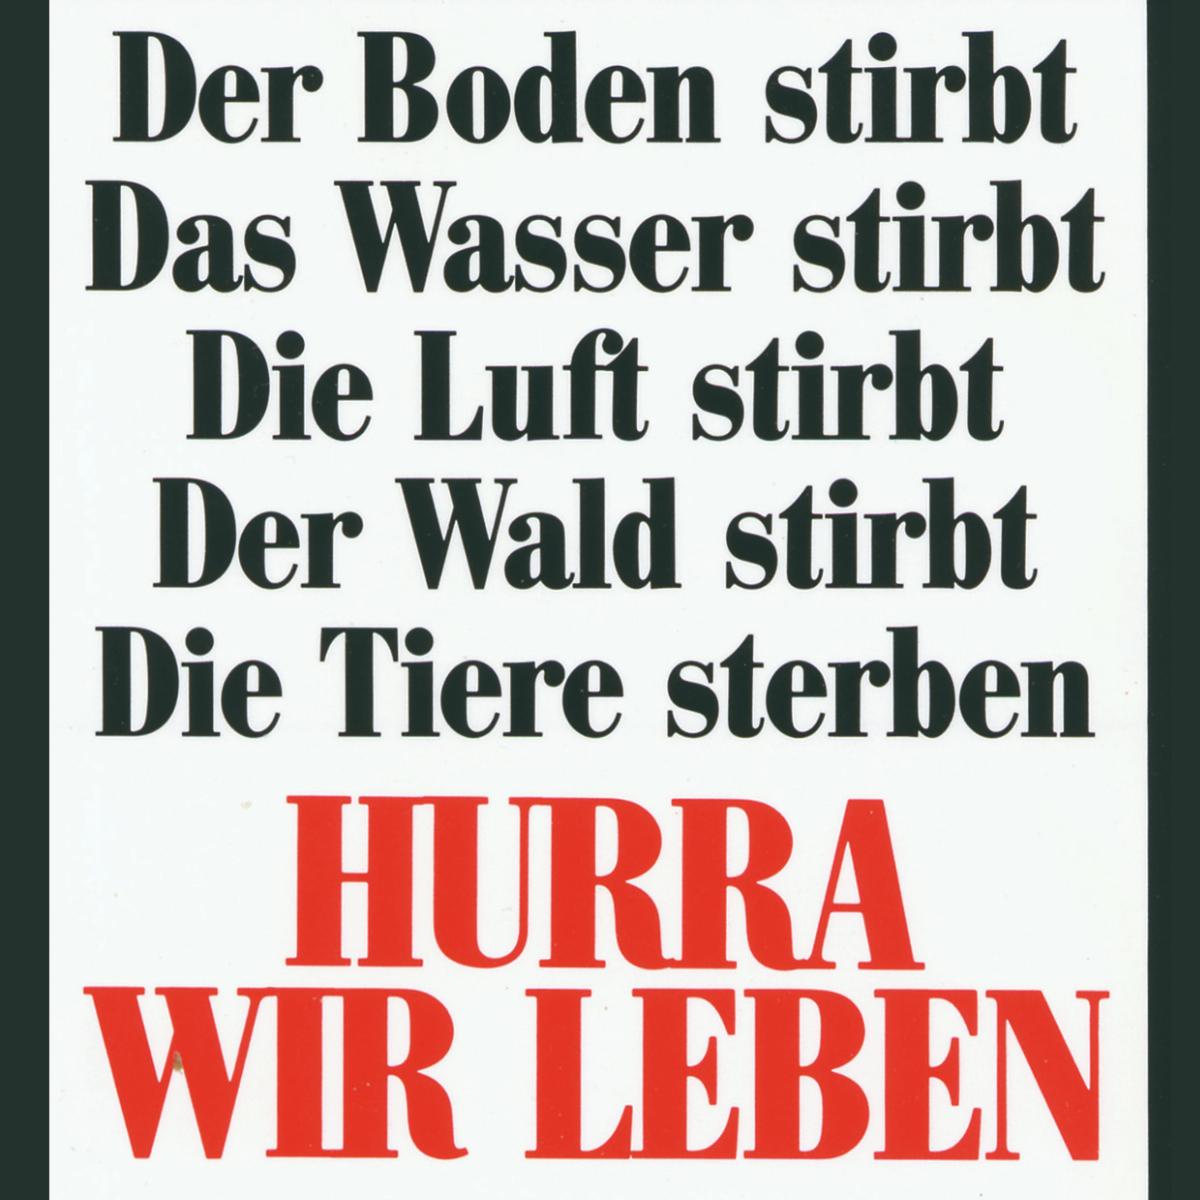 Klaus Staeck, Hurra wir leben, 1984Offestdruck auf Papier, 84,1 x 59,4 cmStaatliche Museen zu Berlin, Nationalgalerie2020 Schenkung Klaus Staeck Klaus Staeck VG Bild-Kunst, Bonn 2021